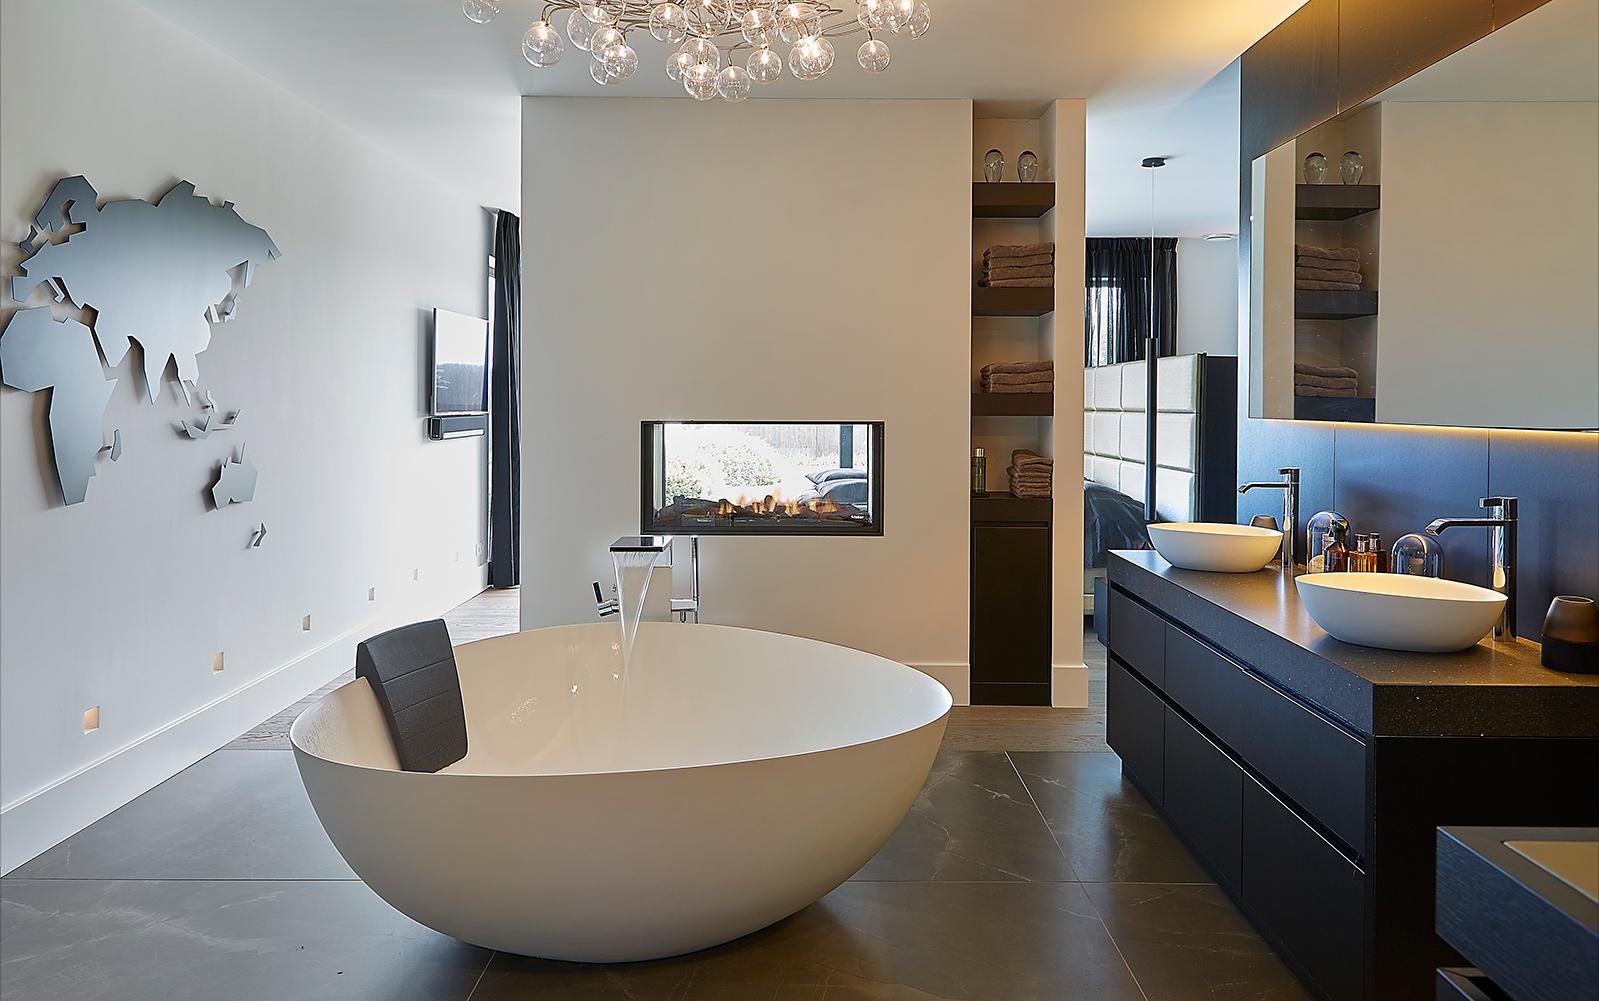 badkamer inspiratie, Hilvarenbeek